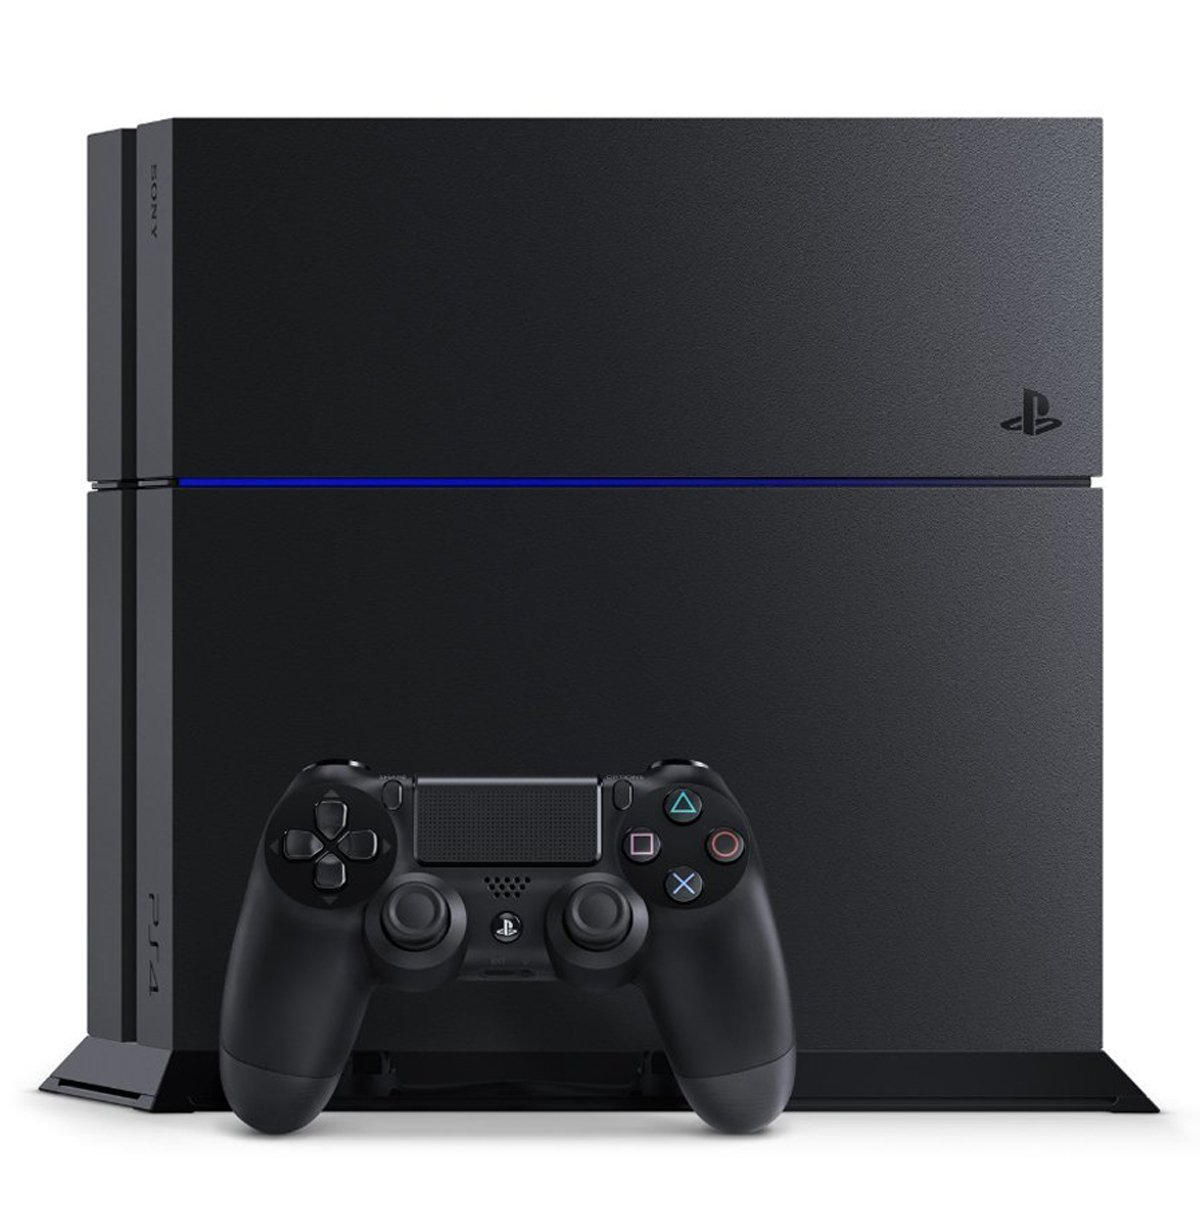 PS4(プレイステーション4/プレステ4)CUH-1000AB01 ジェットブラックなど計5点を